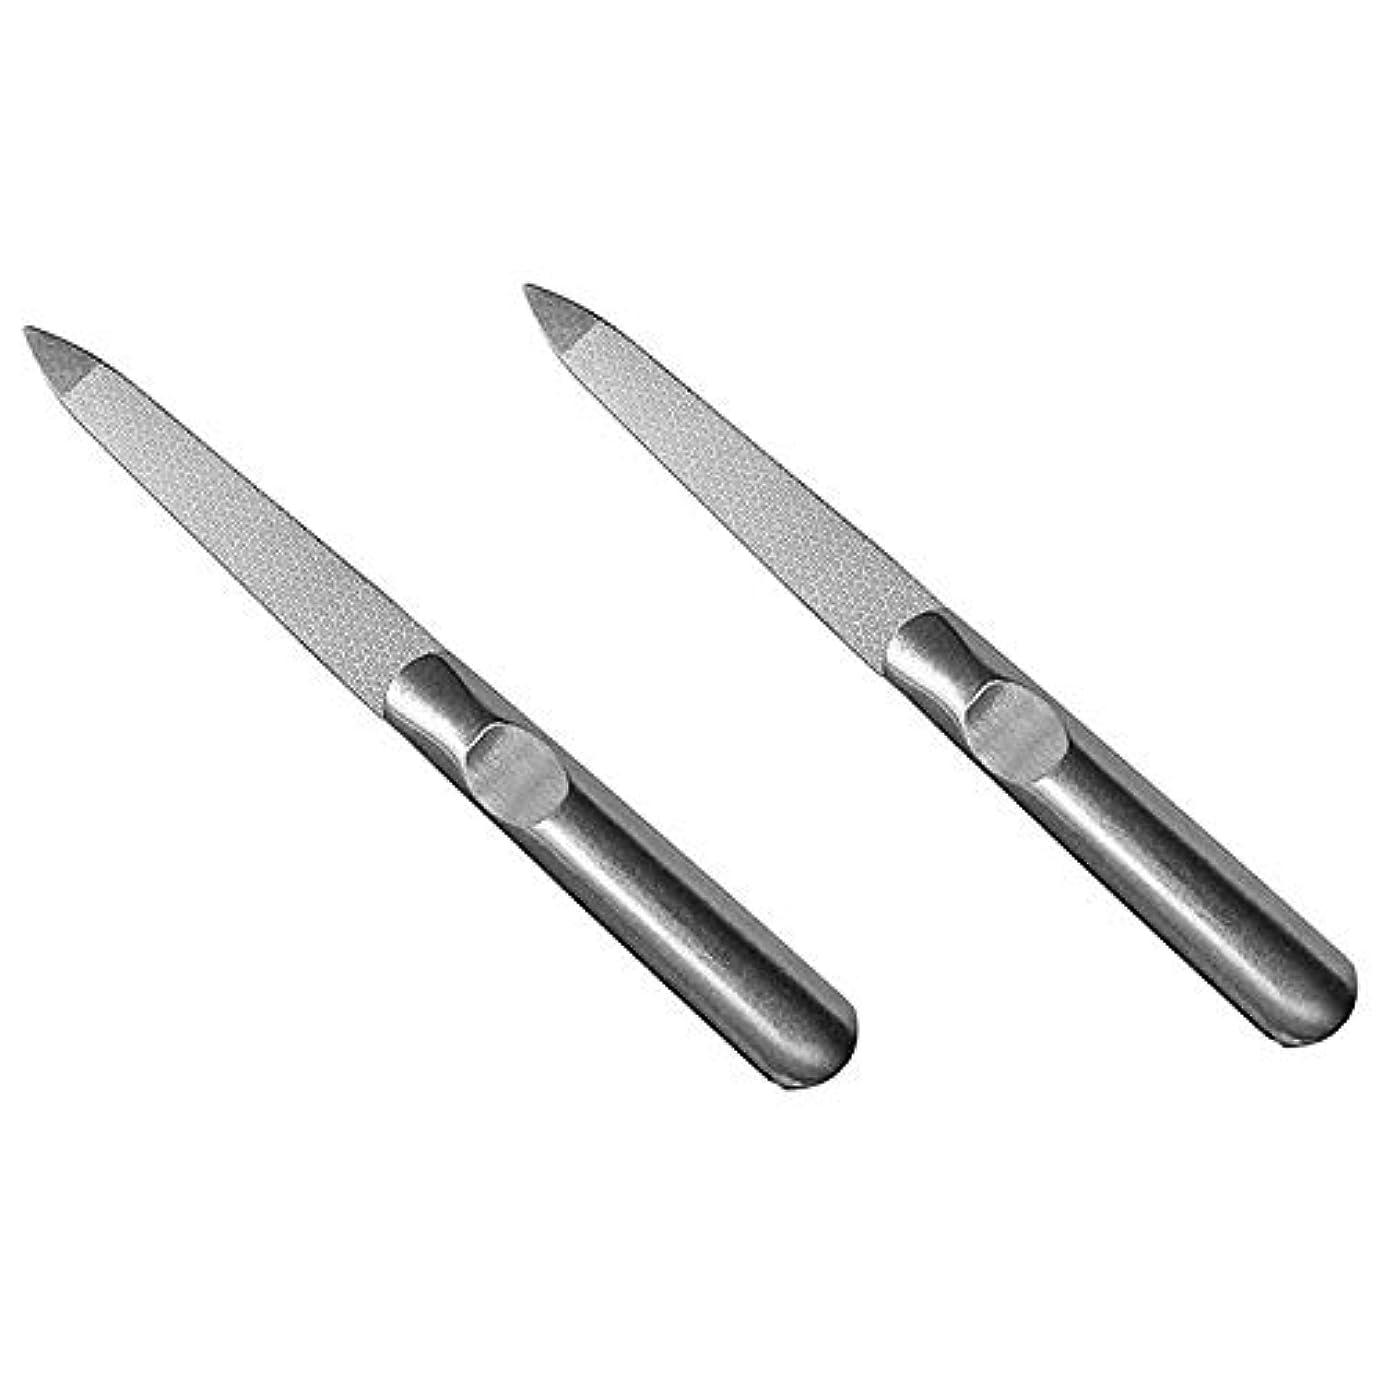 以降中絶精通したSemoic 2個 ステンレススチール ネイルファイル 両面マット アーマー美容ツール Yangjiang爪 腐食の防止鎧